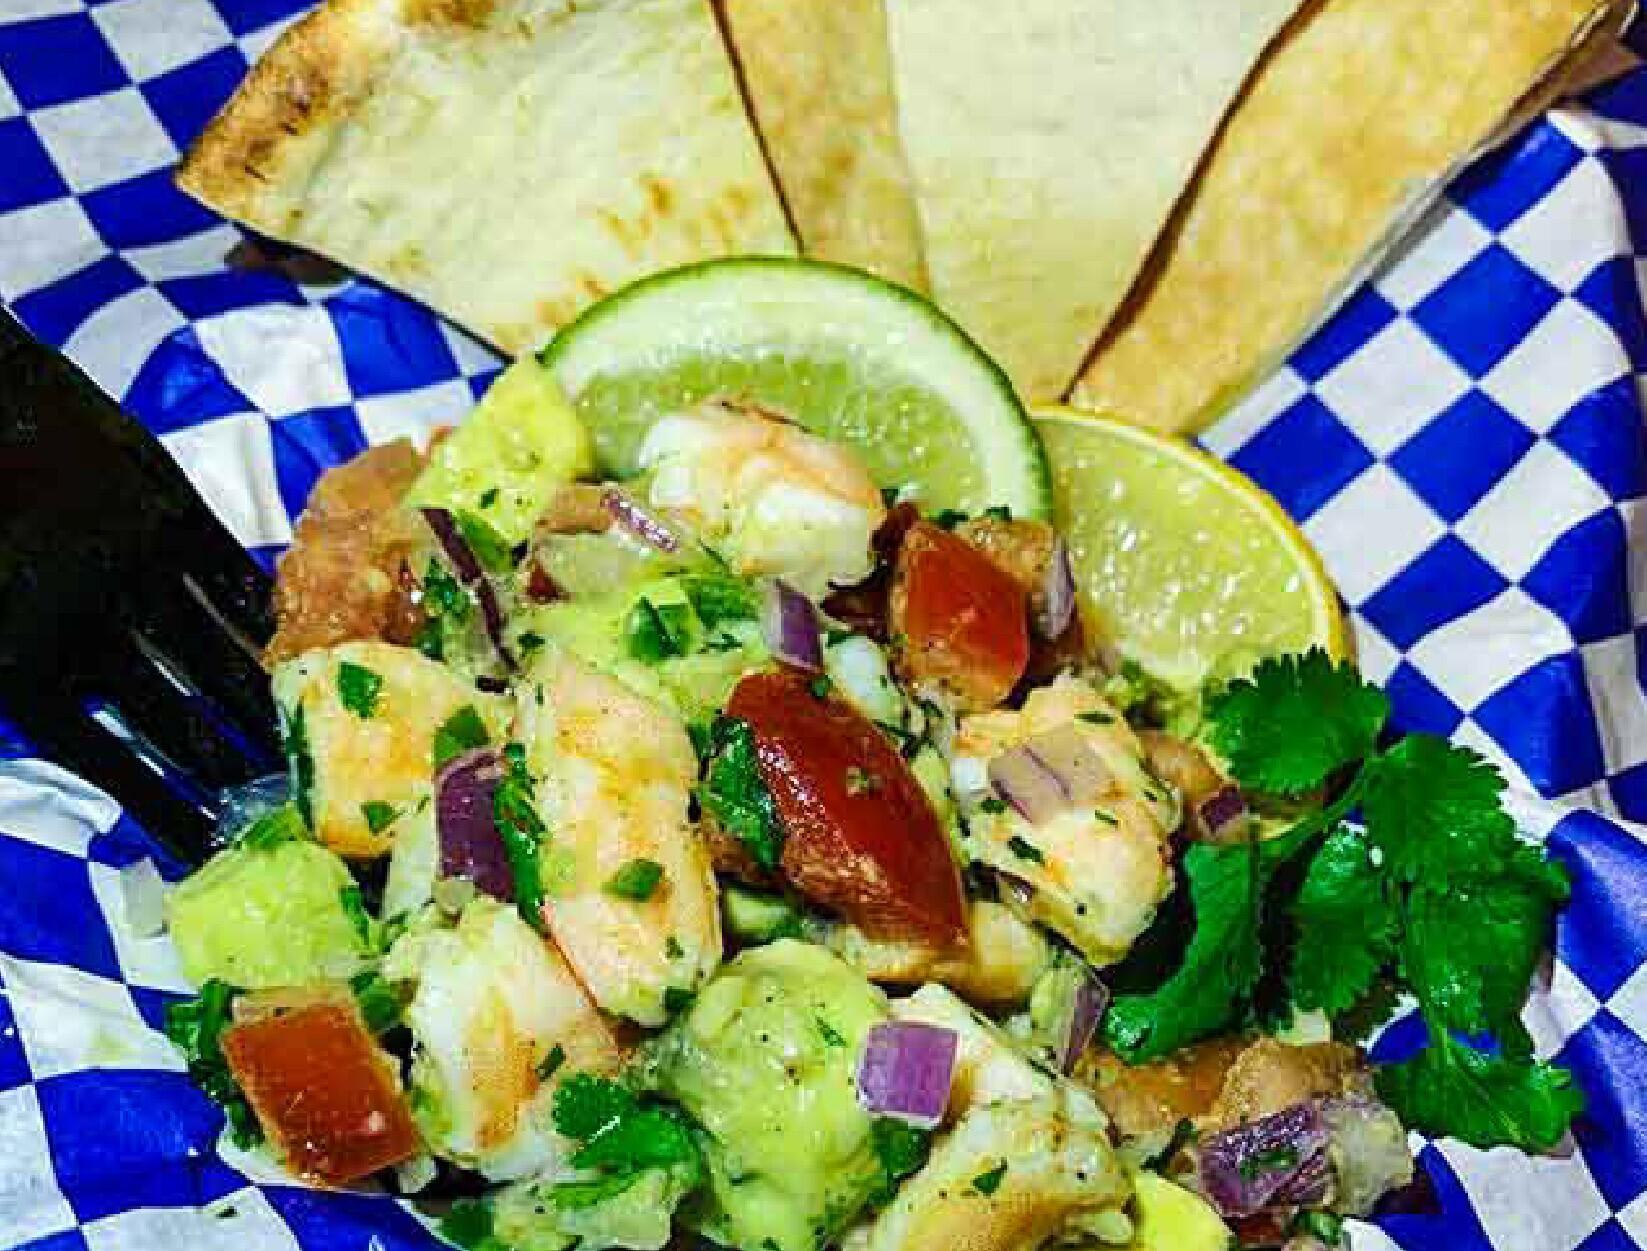 New-Food_Seafood-Salad.jpg